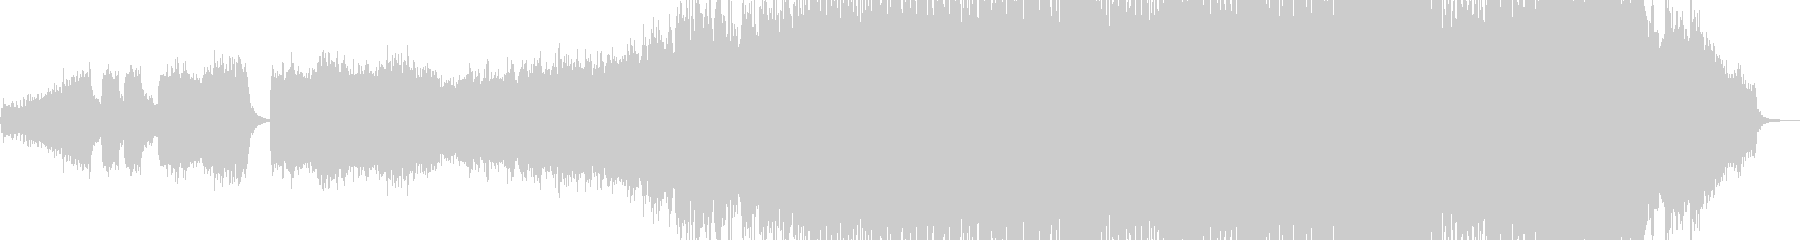 オルガン・幕開け盛大な作品に 長尺+の未再生の波形